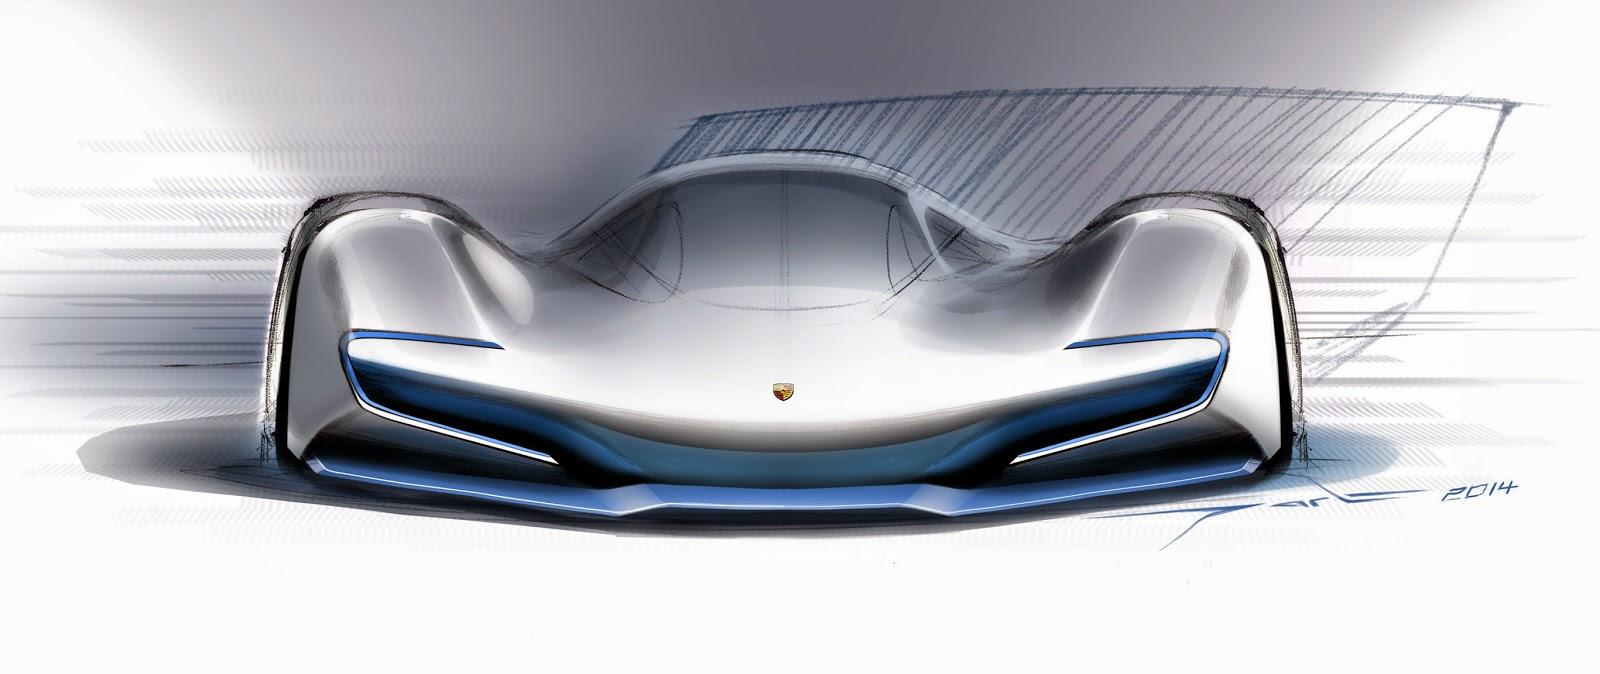 2016 Porsche Panamera Gts >> Porsche Electric Le Mans 2035 Prototype Looks Believable ...